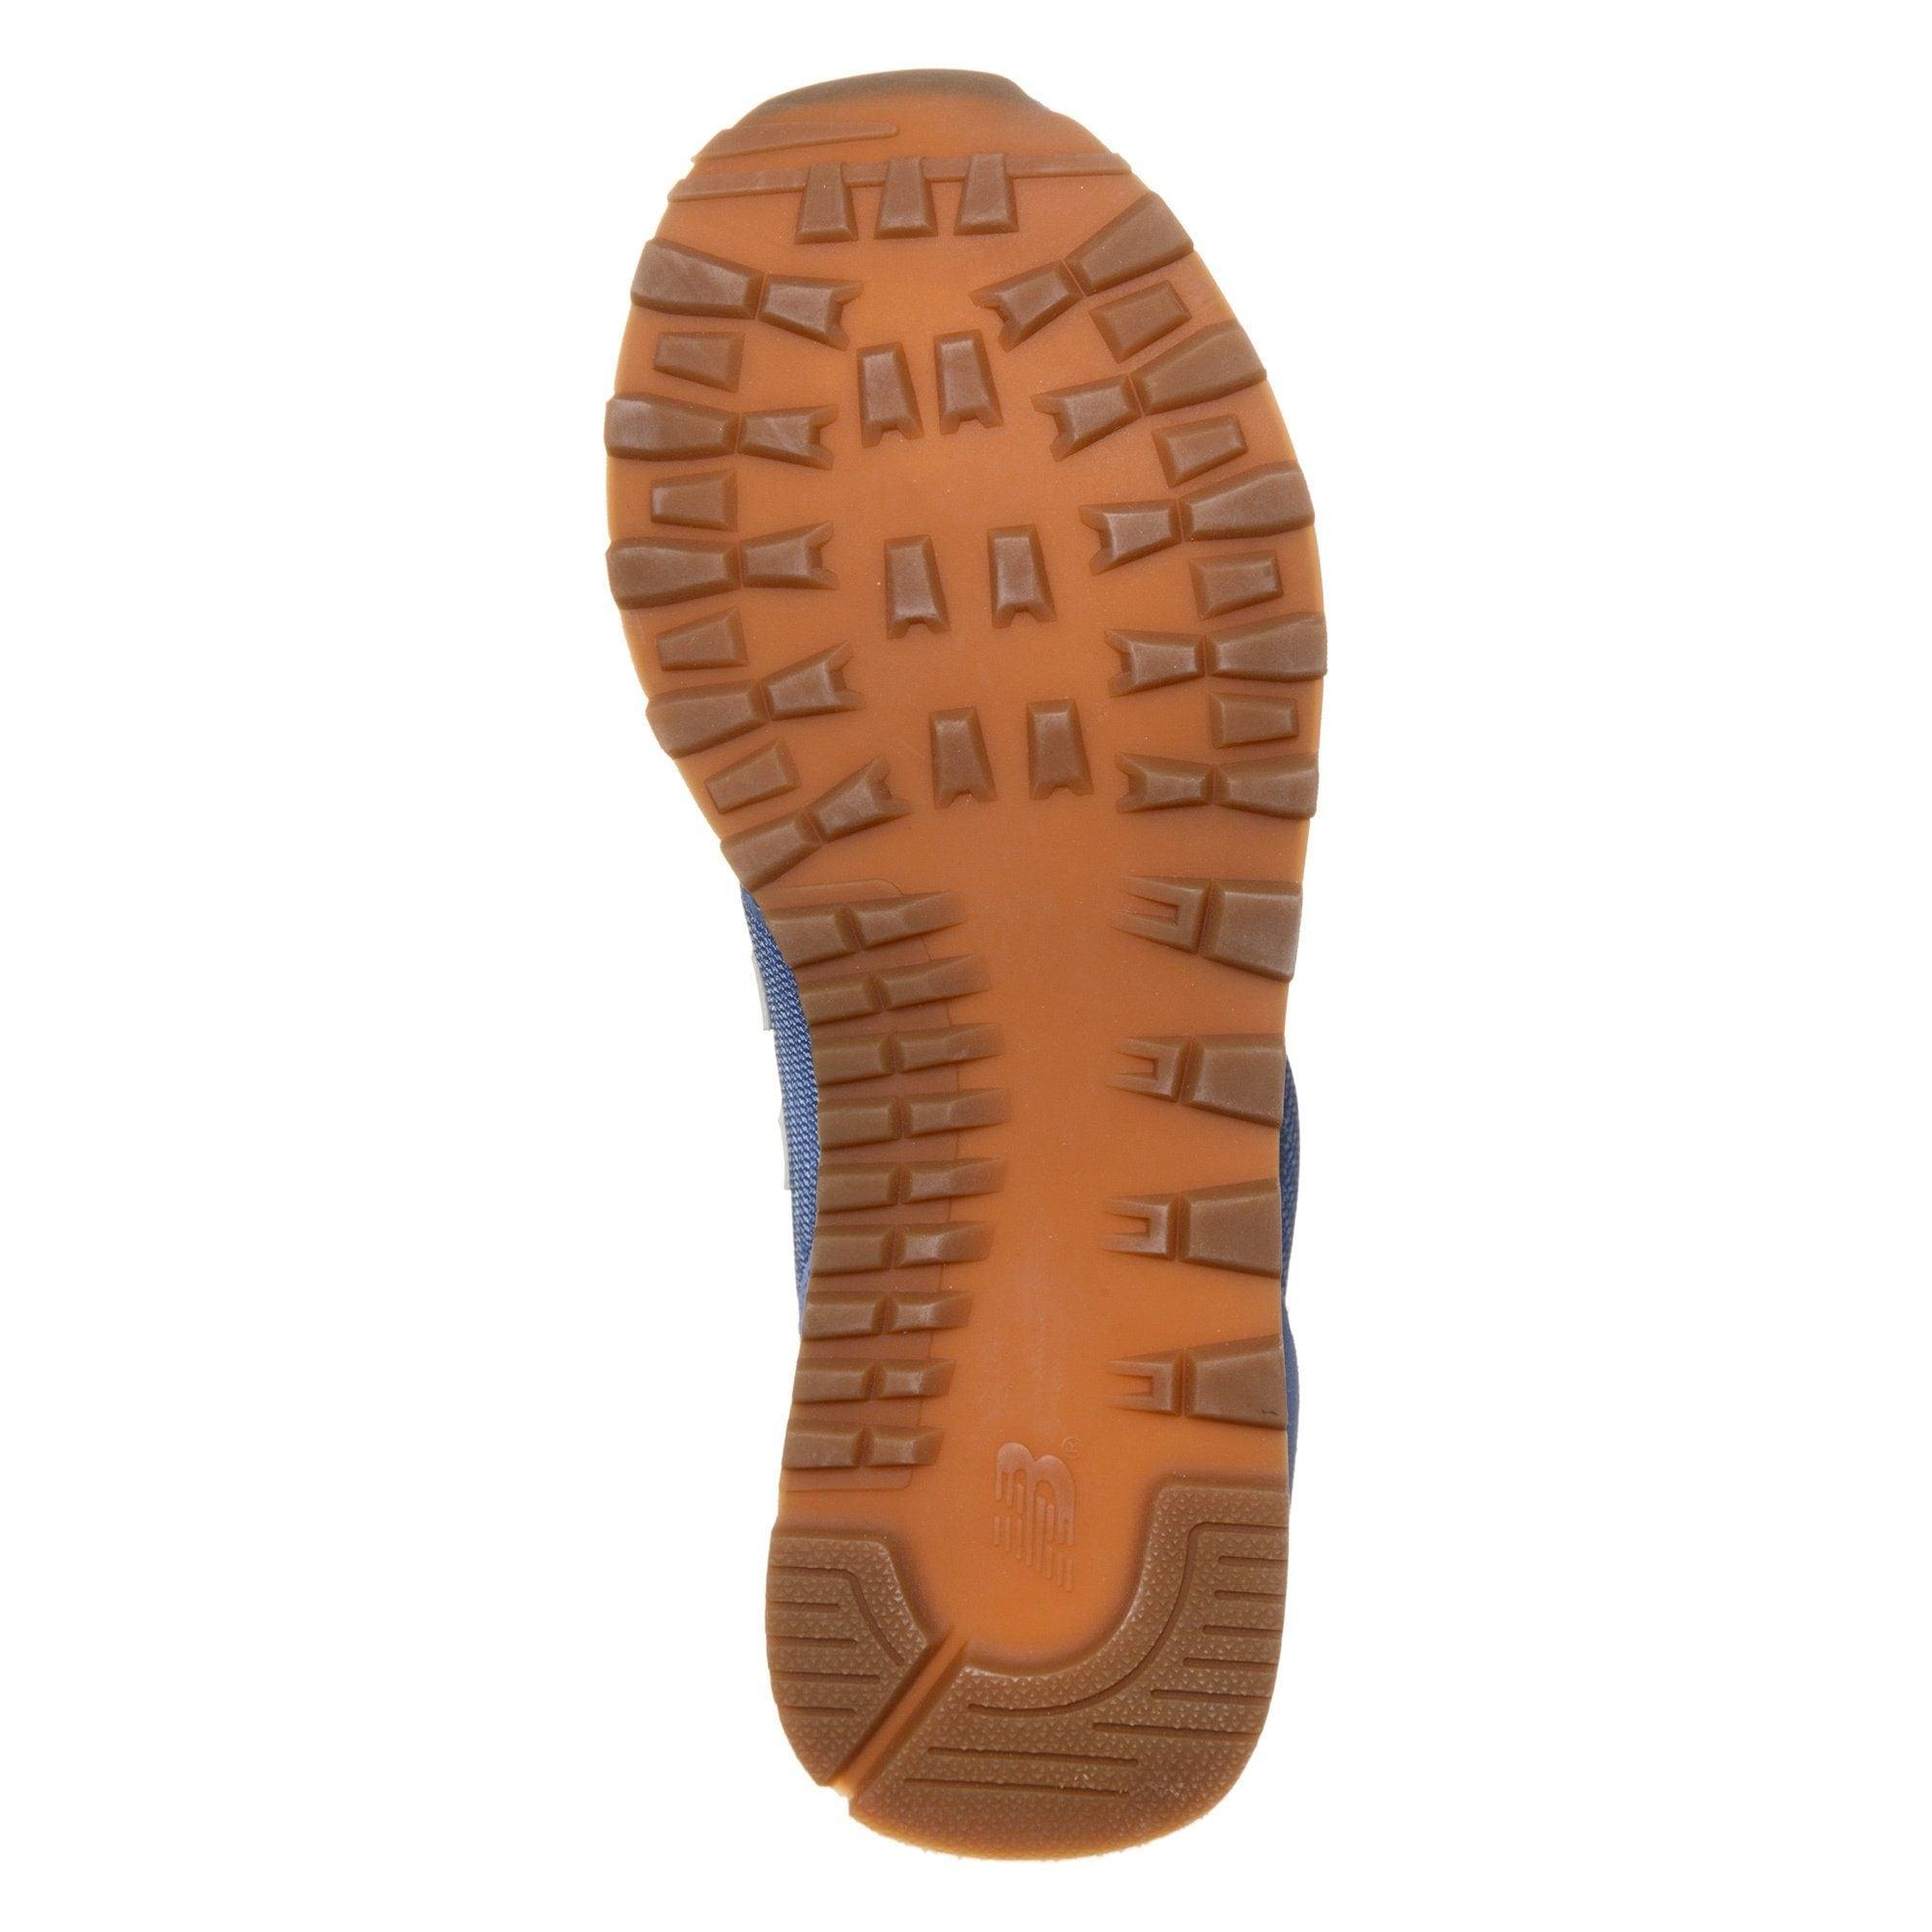 New Balance WL501-CVB-B Sneaker Damen  online kaufen kaufen kaufen | Gutes Preis-Leistungs-Verhältnis, es lohnt sich 468e16